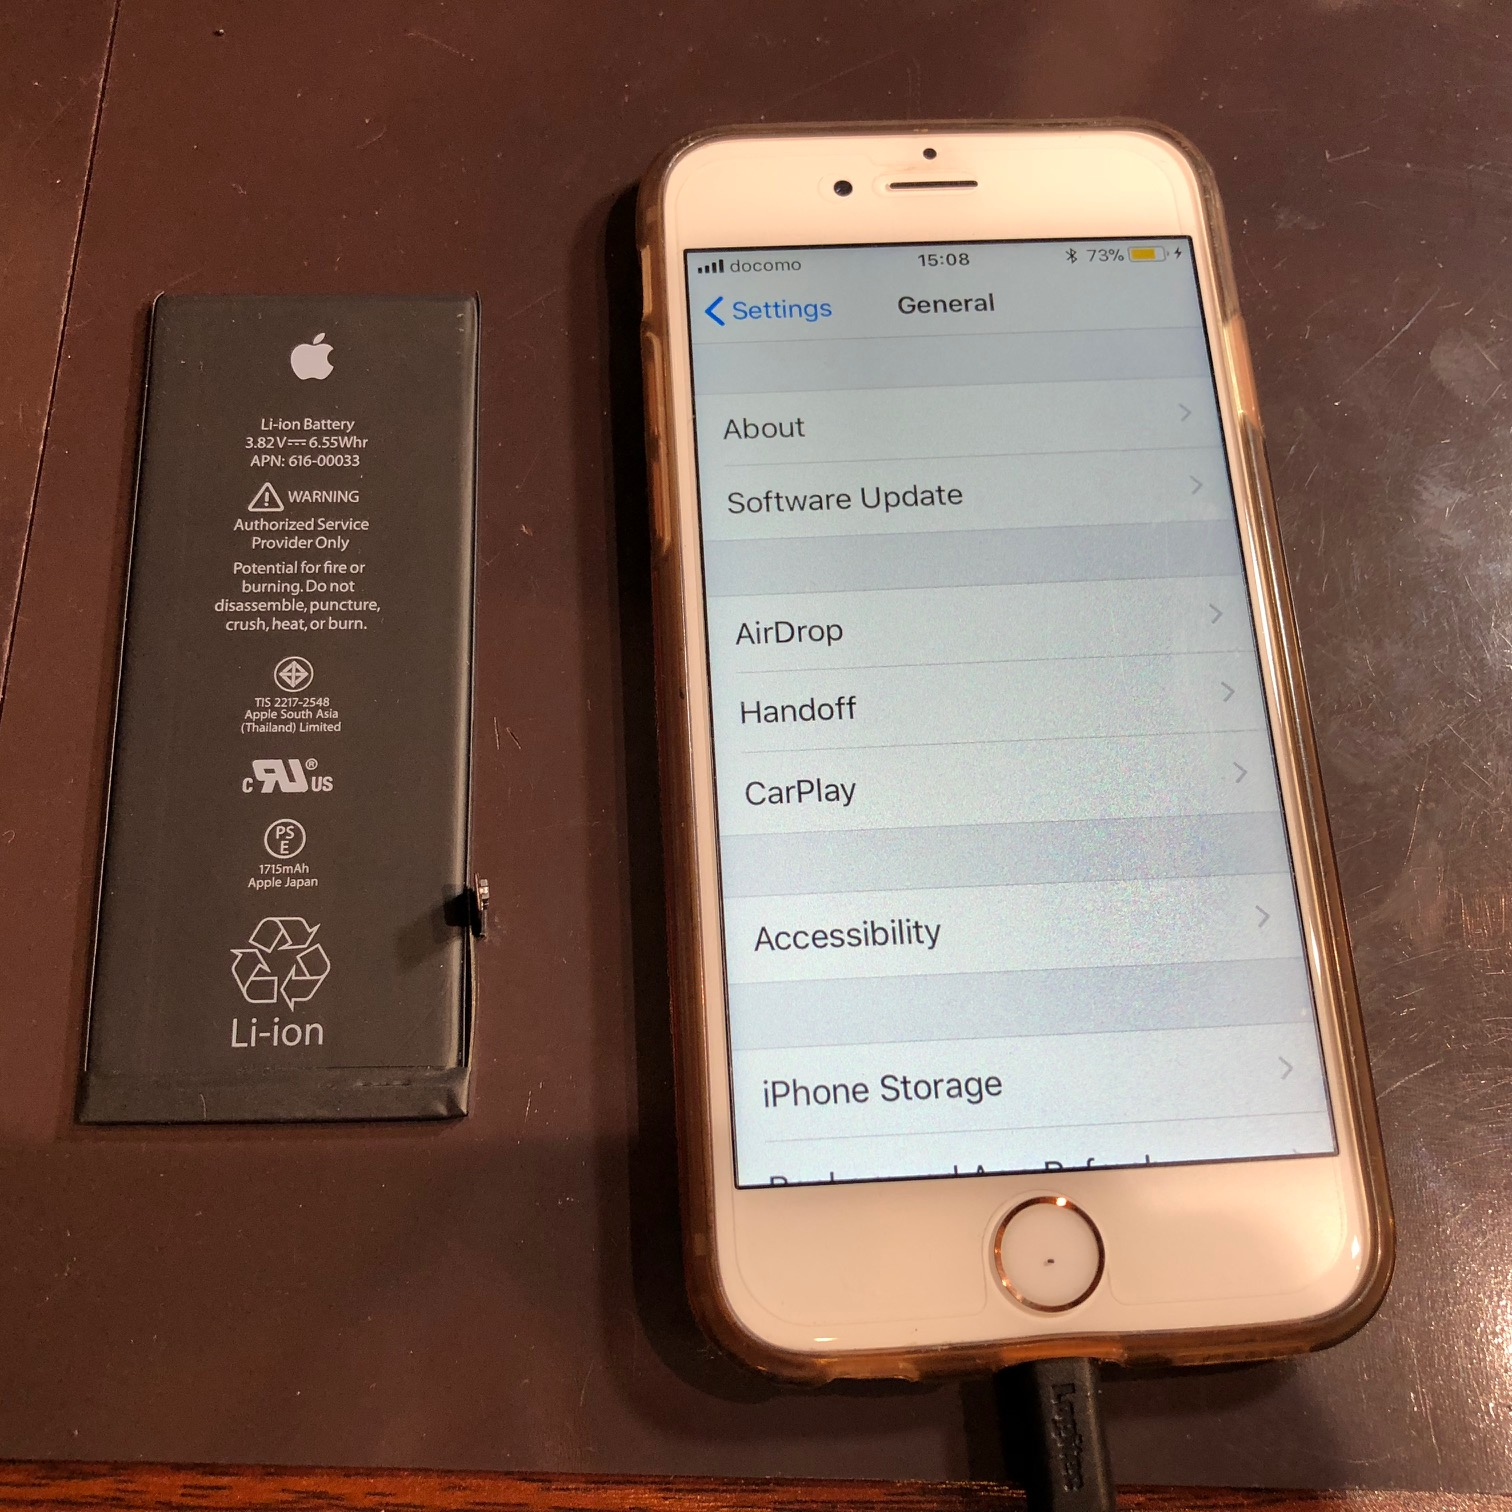 すーーーぐ電源切れる!<尼崎よりお越しのお客様>バッテリー交換するだけで充電の持ちがよくなりますよ!!スマートクールつかしん店で最短30分データそのまま即日修理しませんか?